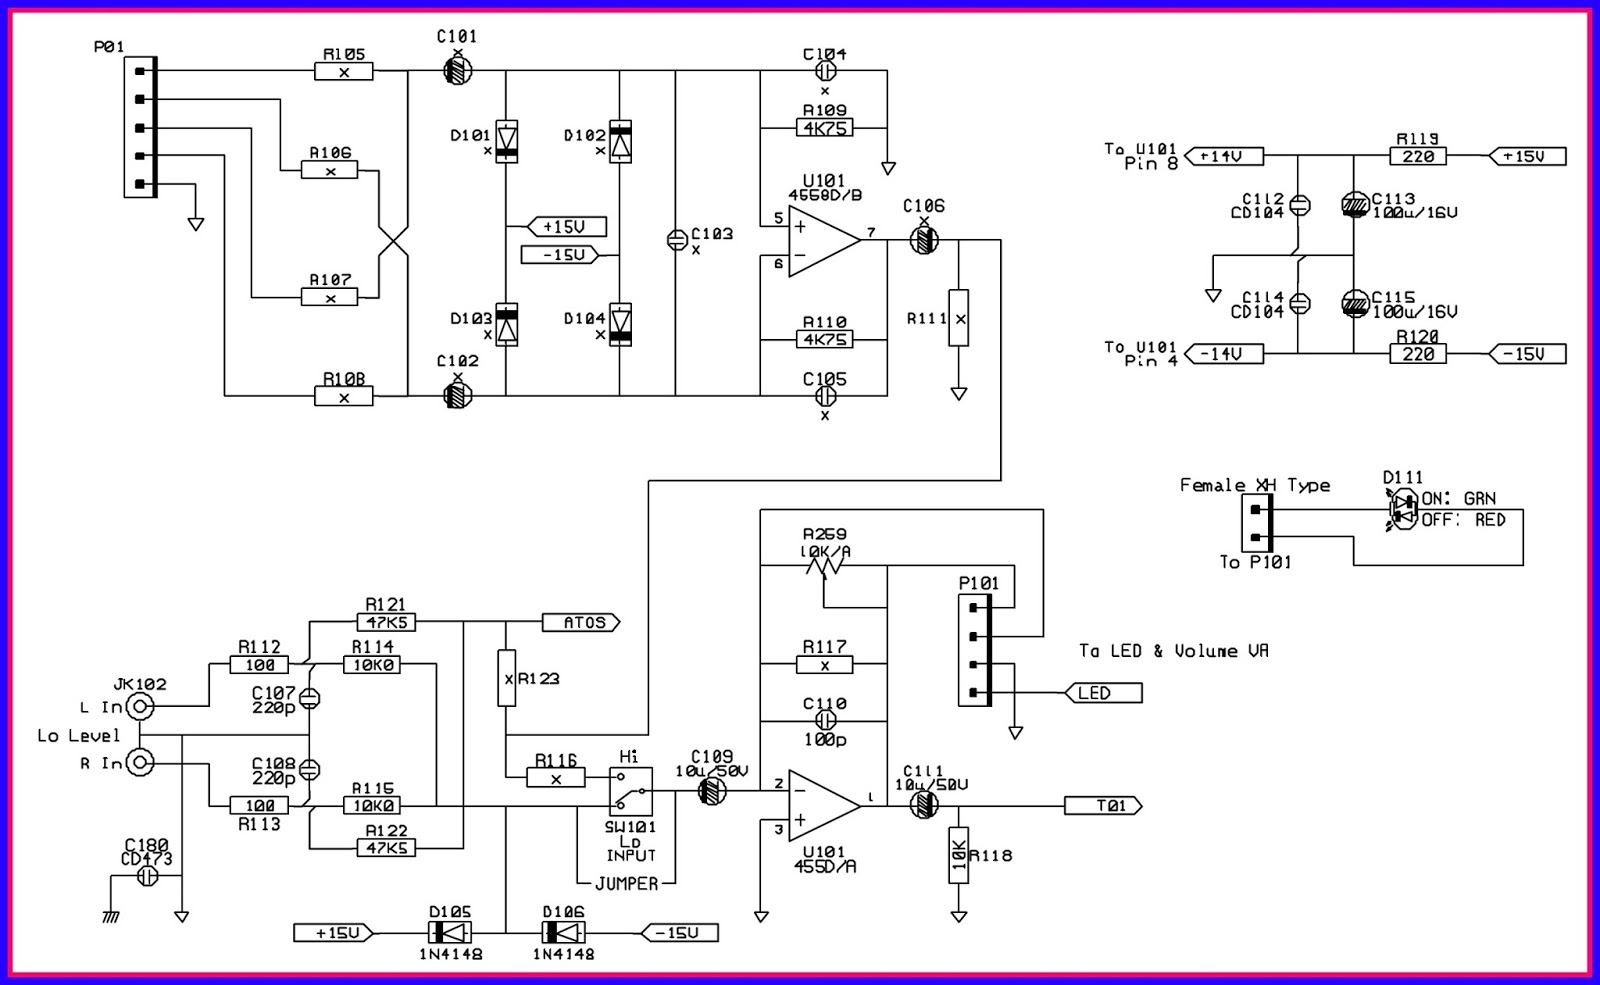 sub woofer circuit woofer circuit diagram active crossover circuit active bandpass filter circuit active noise cancellation [ 1600 x 985 Pixel ]